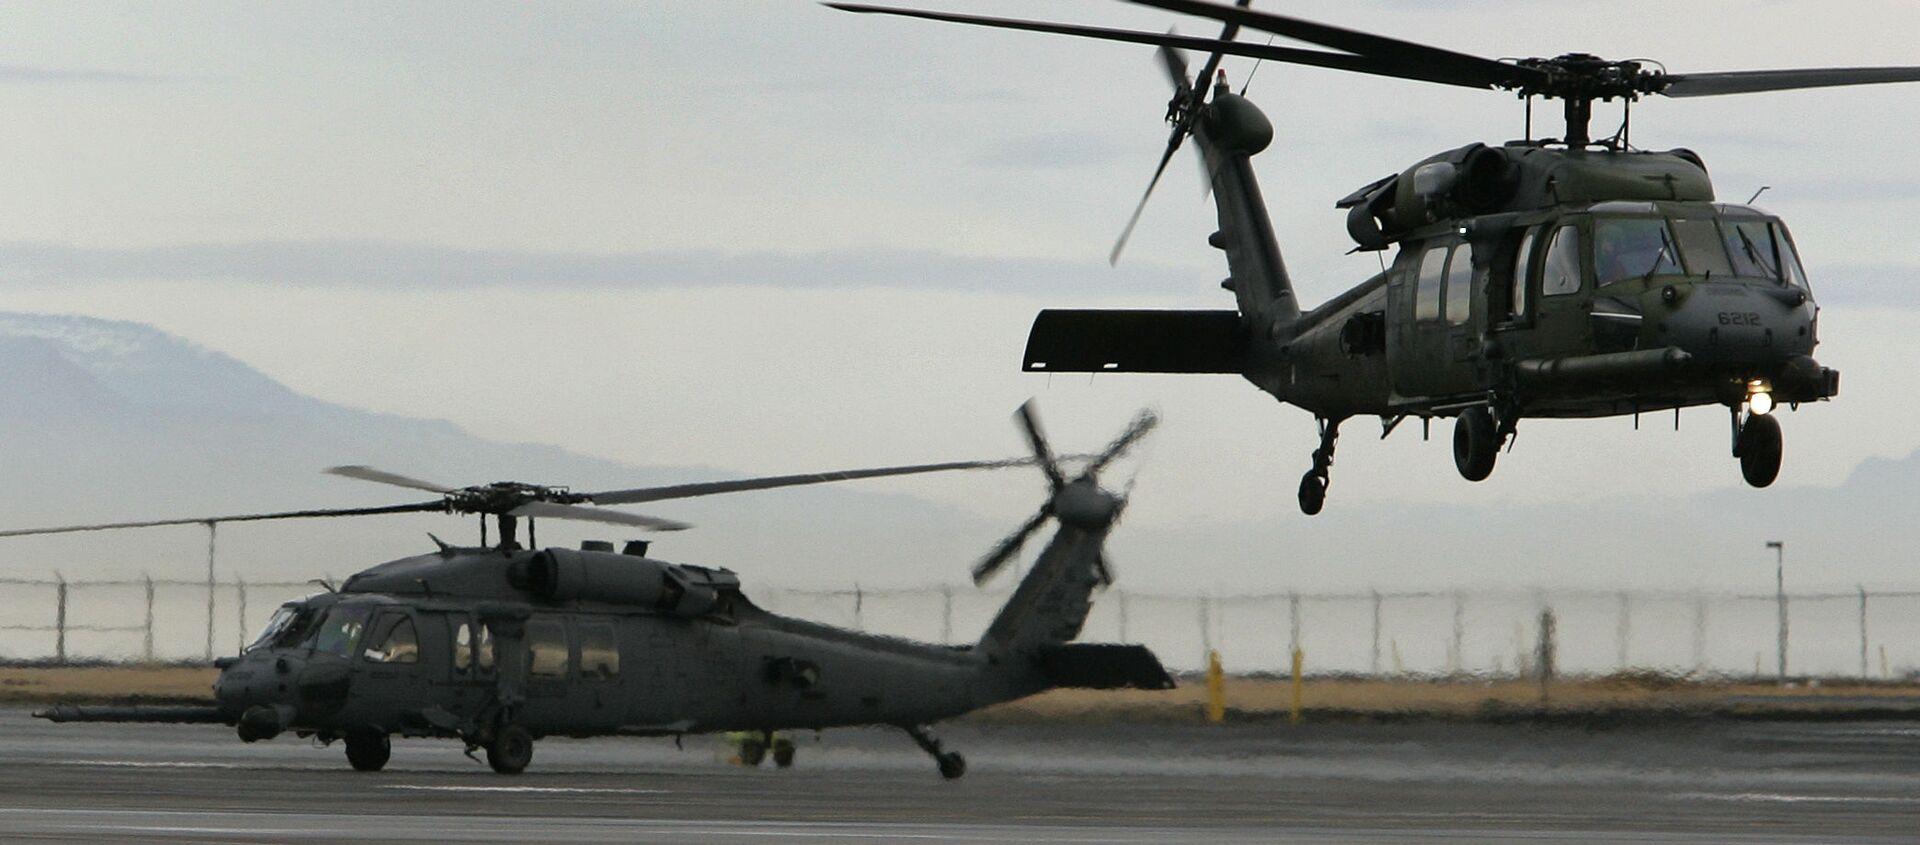 Máy bay trực thăng quân sự Mỹ tại căn cứ không quân Keflavik ở Iceland - Sputnik Việt Nam, 1920, 24.09.2021